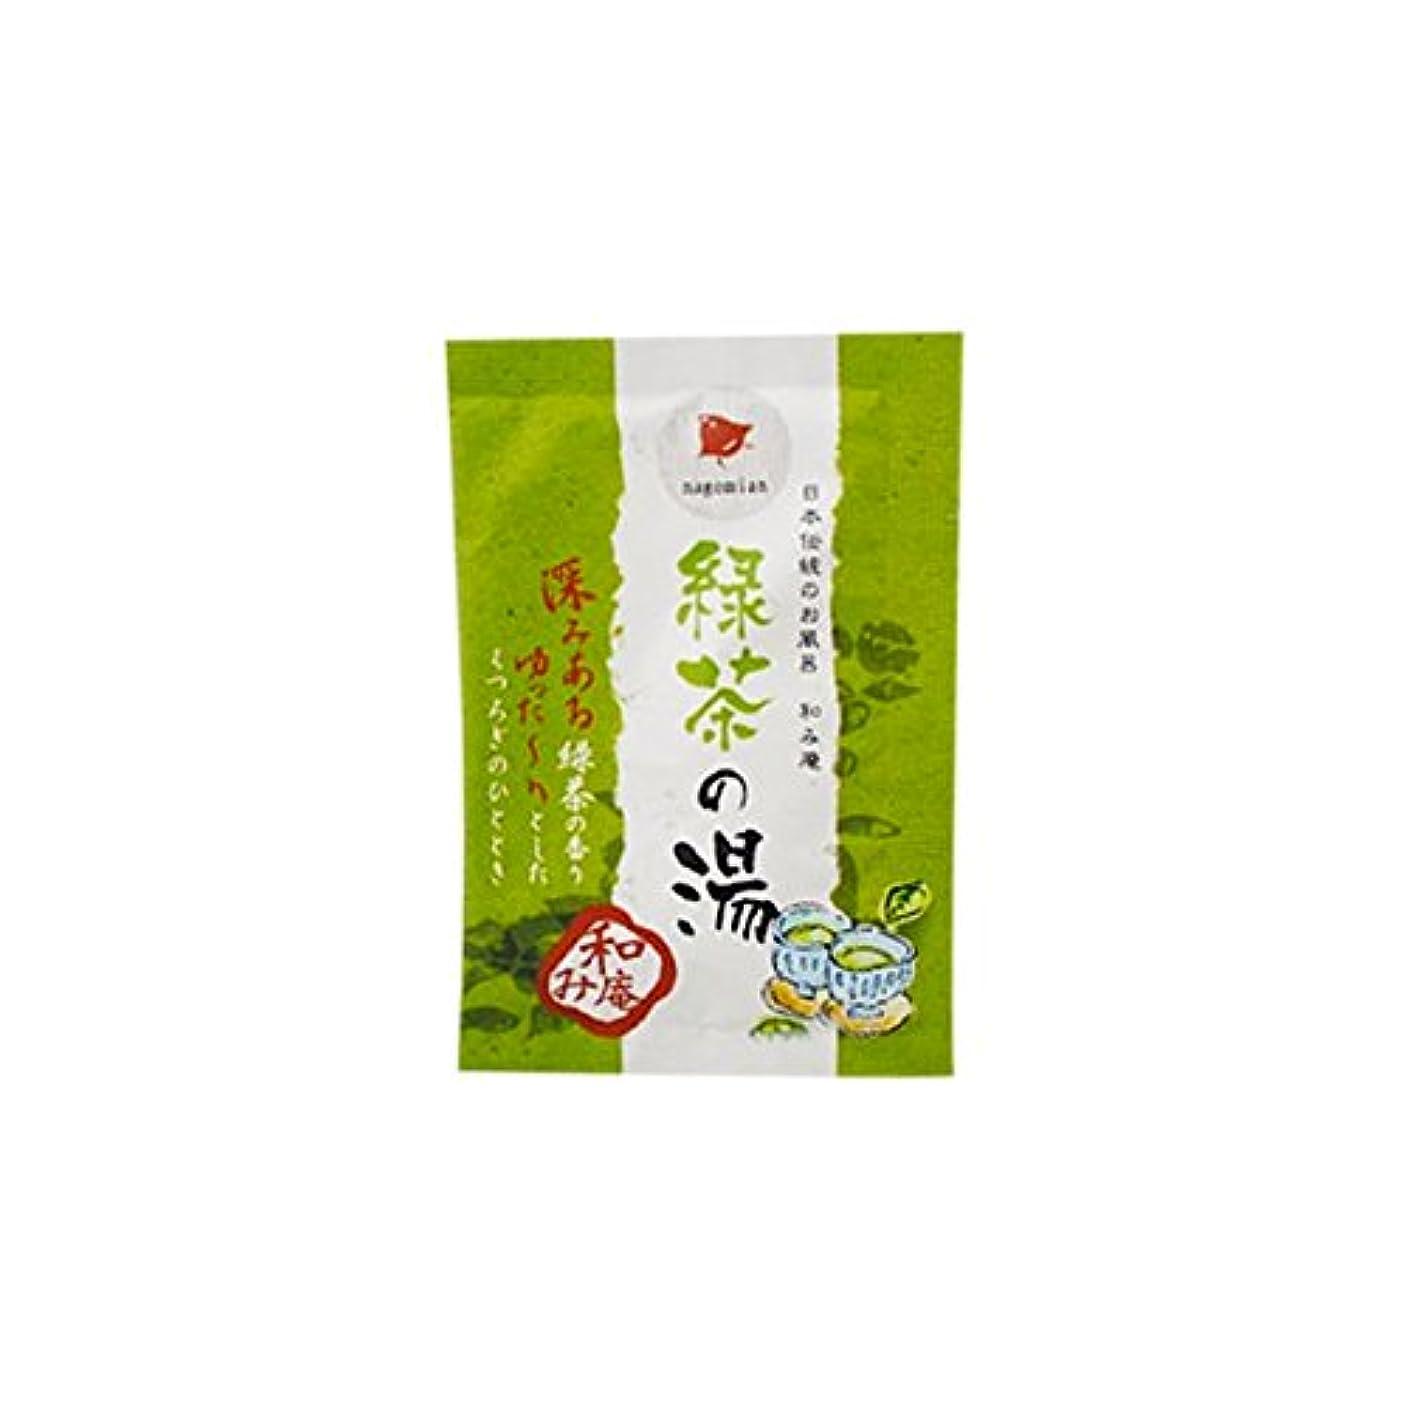 和み庵 入浴剤 「緑茶の湯」30個